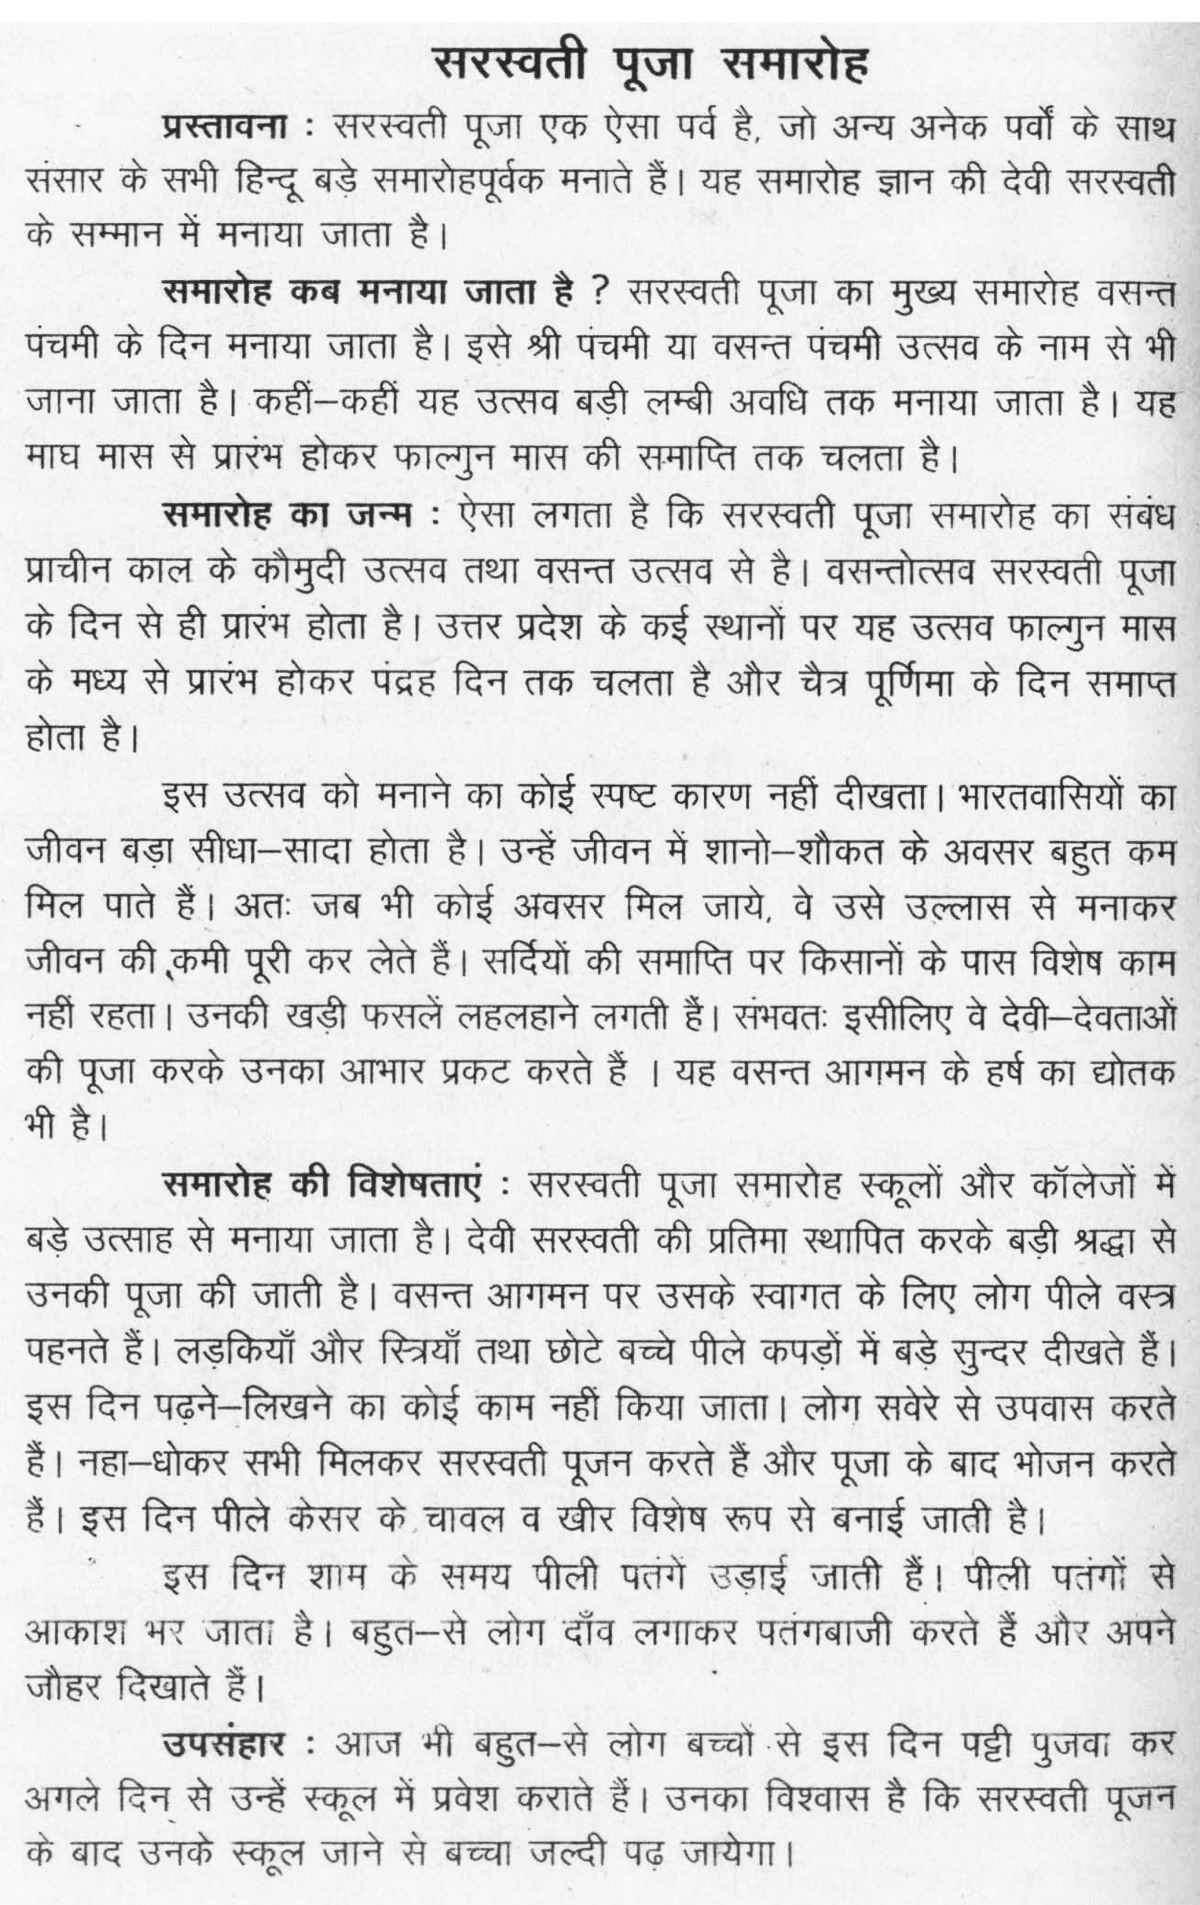 Durga Saptami Anchoring Script